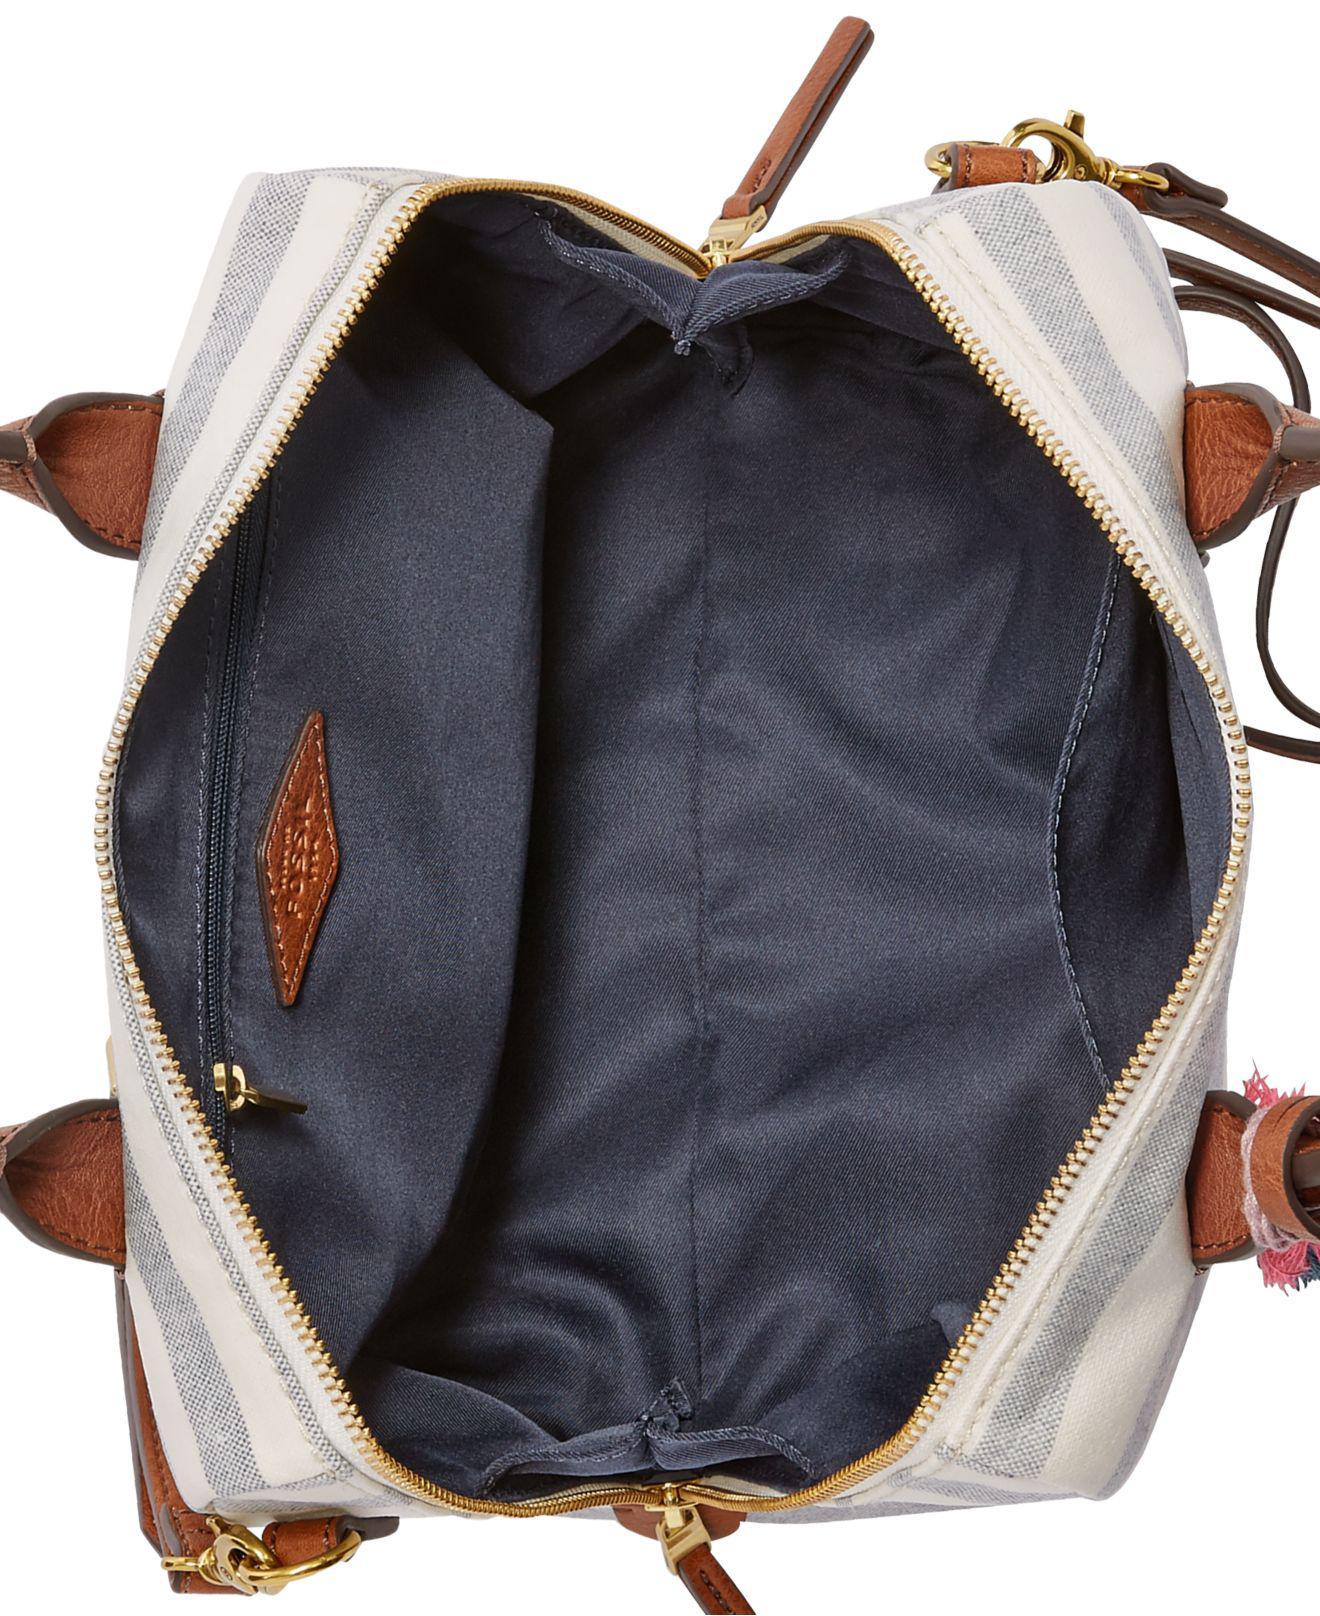 Fossil Preston Small Backpack Tomato Zb 6731616 Daftar Harga Piper Crossbody Crimson 6738933 Dimana Beli Di Source Multicolor Fiona